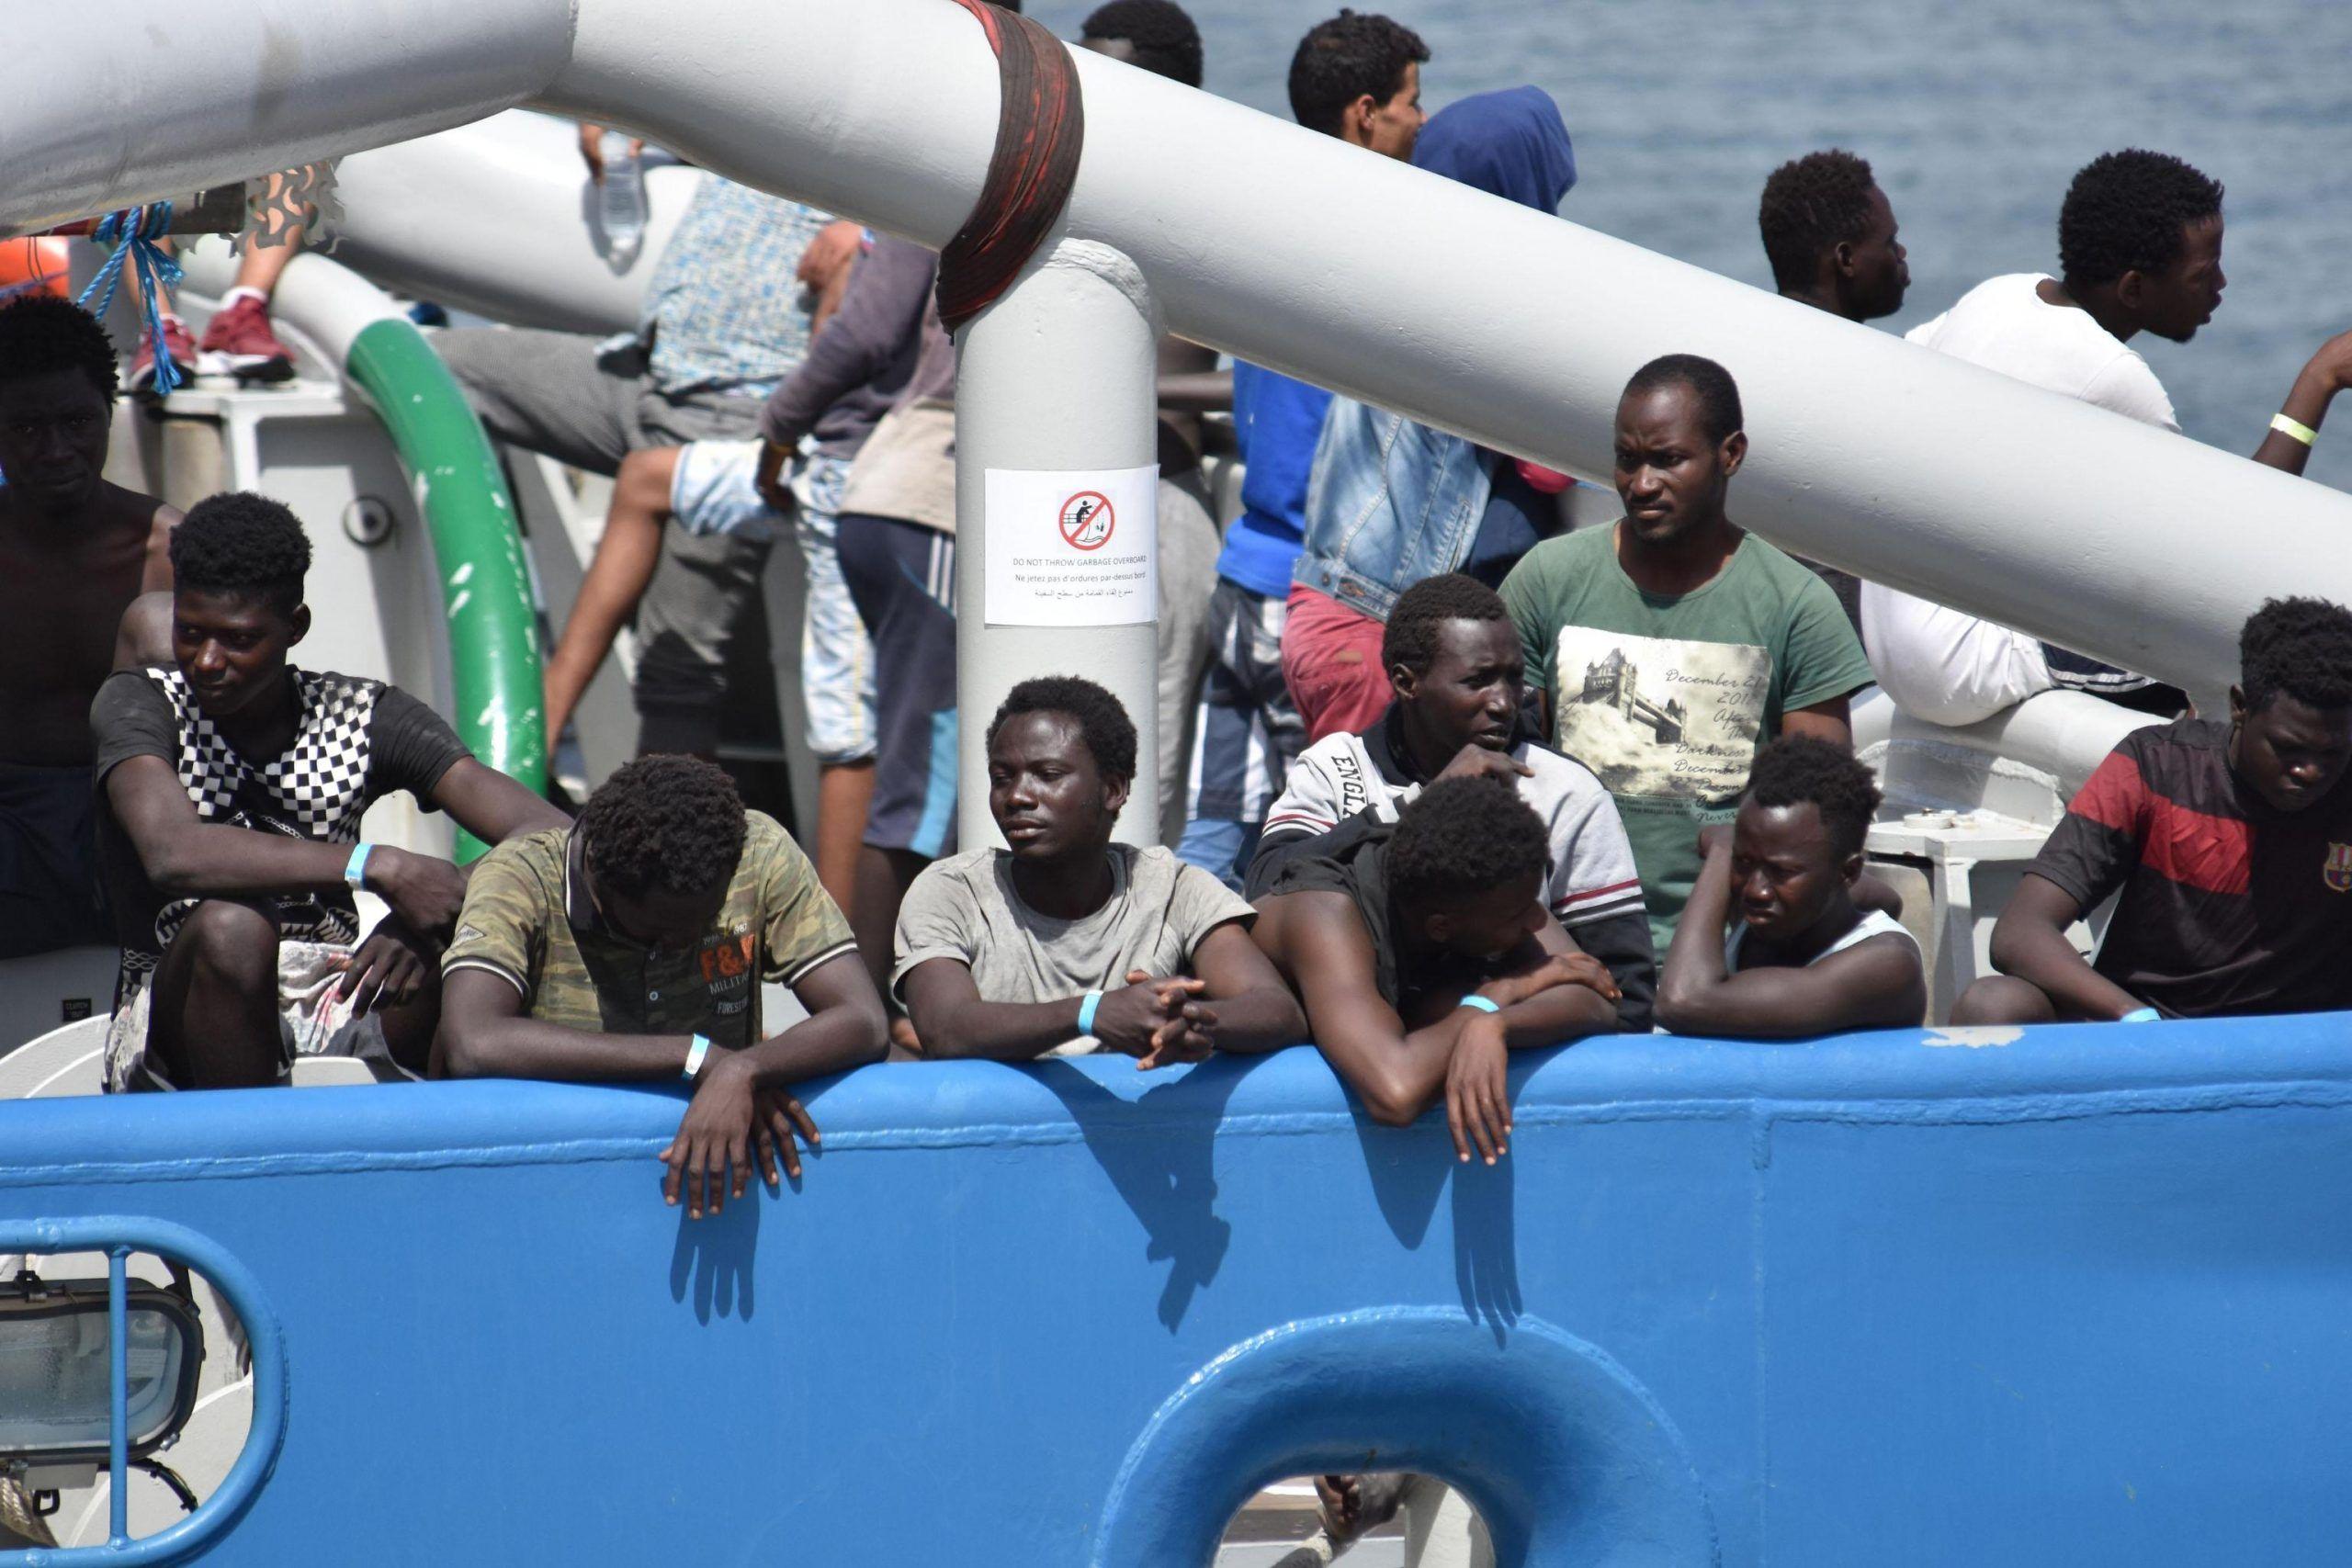 Migranti, l'Austria ci ripensa: niente esercito al confine con l'Italia